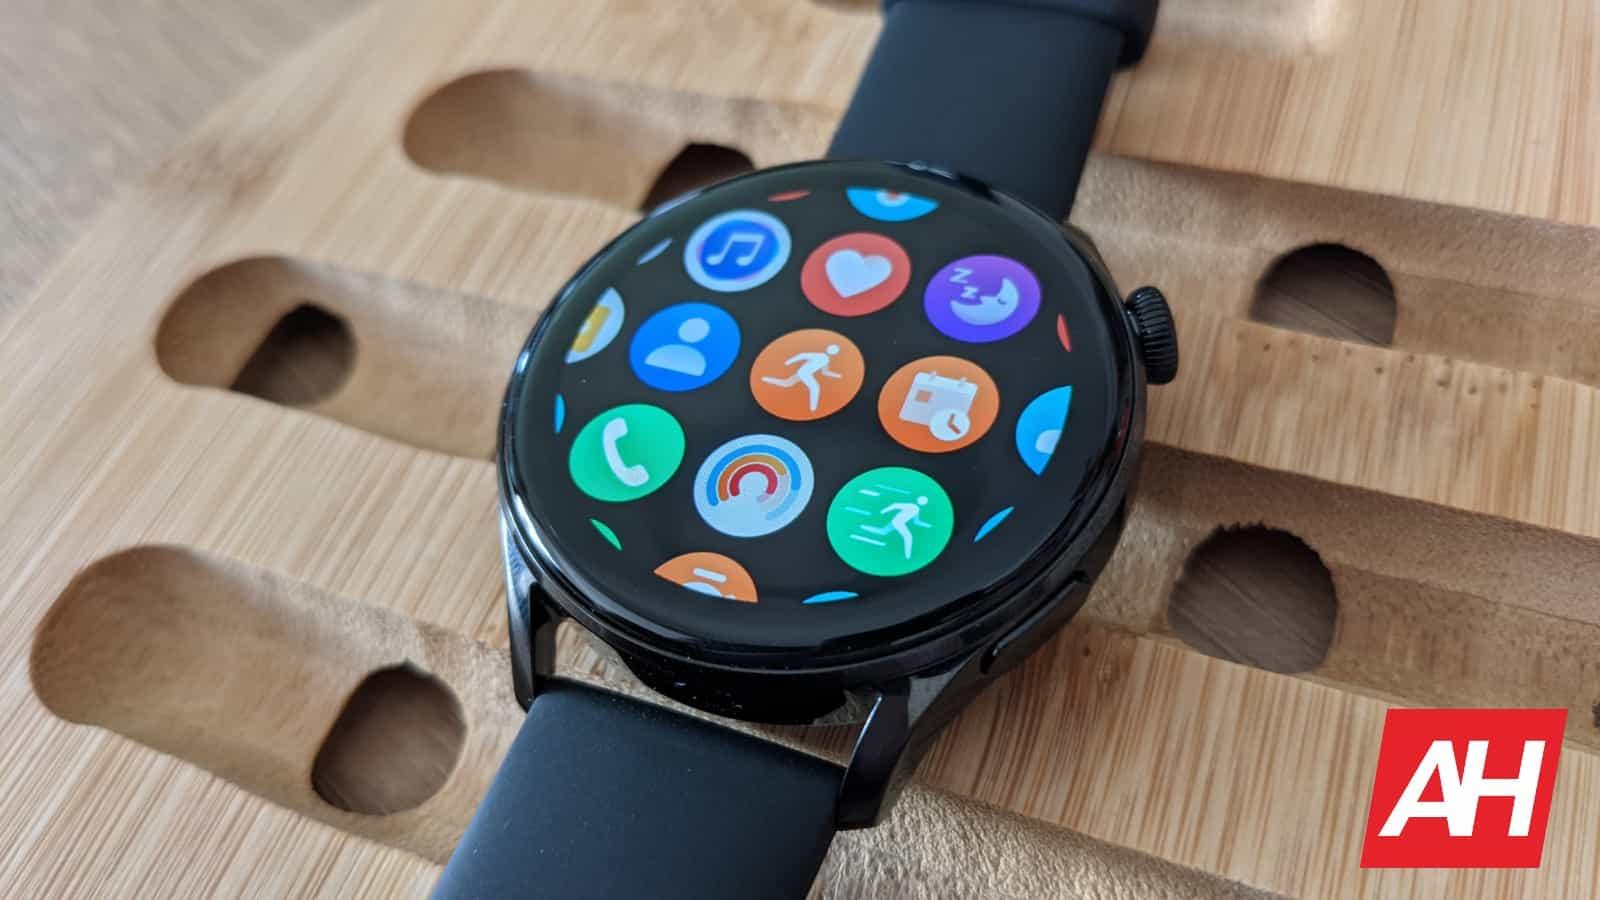 AH Huawei Watch 3 image 22